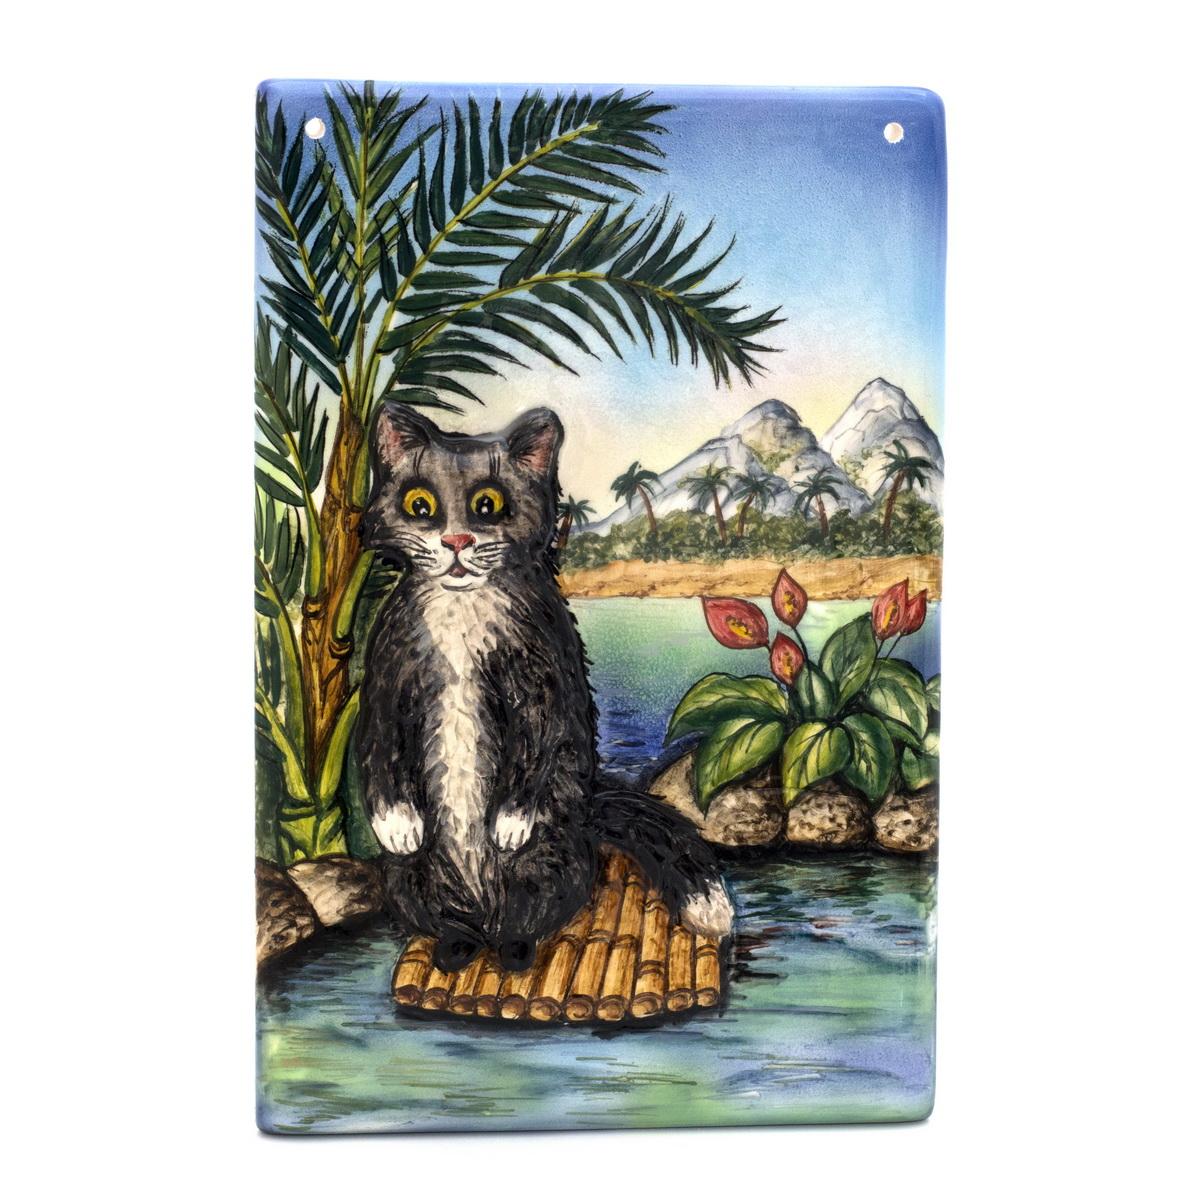 Керамическое панно с объемным котом ZORA Вот и съездил в Сочи, размер: 18,5х12,5 см. Авторская работа. ZS-PS-18,5ZS-PS-18,5Керамическая картина с объемной фигуркой и ручной росписью подглазурными красками. Два высокотемпературных обжига.Если вы хотите подарить улыбку и хорошее настроение вашим близким - лучшего сюрприза не придумать! Керамика Zora, ручная работа,подглазурная роспись,подглазурные краски, высокотемпературный обжиг,смешанная техника